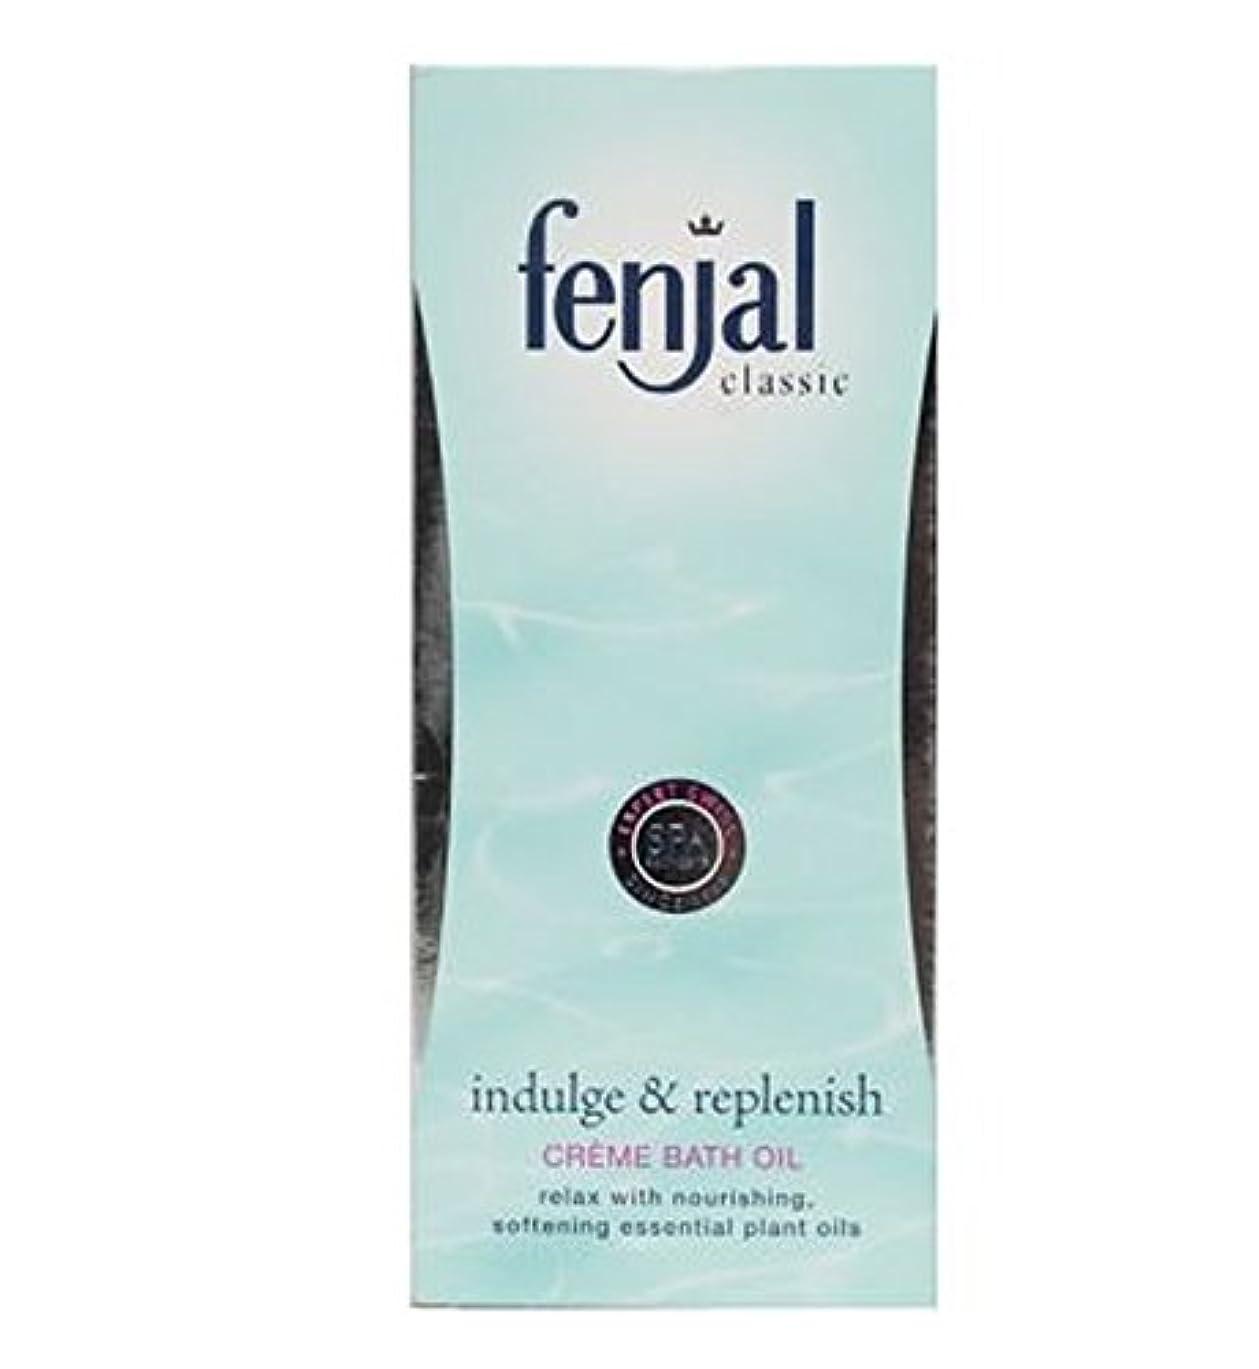 野心パーツ真珠のようなFenjal古典的な高級クリームバスオイル125ミリリットル (Fenjal) (x2) - Fenjal Classic Luxury Creme Bath Oil 125 ml (Pack of 2) [並行輸入品]